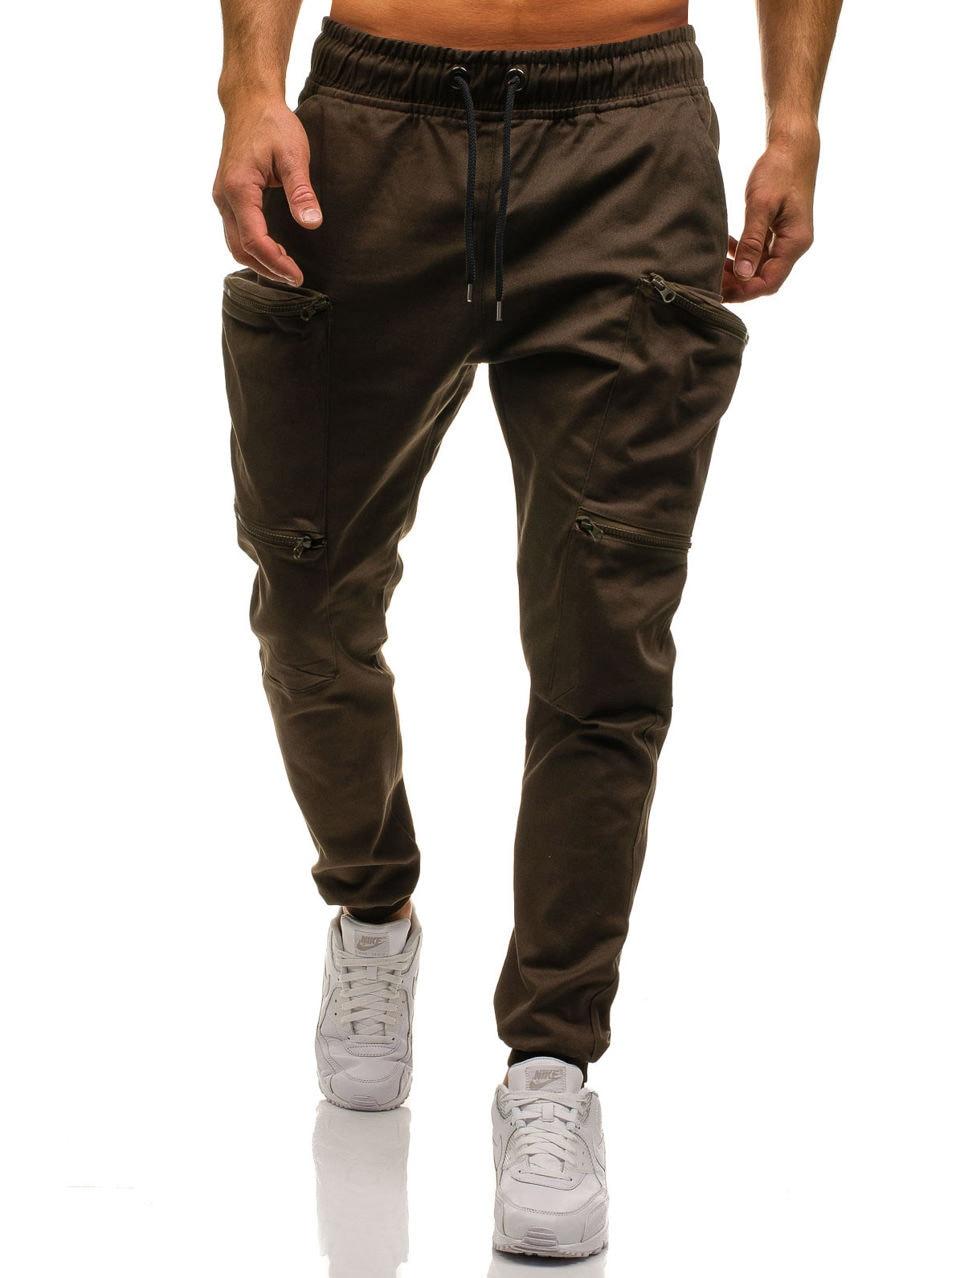 Mens Joggers 2019 New Red Camouflage Multi Pockets Cargo Pants Men Cotton Harem Pants Hip Hop Mens Joggers 2019 New Red Camouflage Multi-Pockets Cargo Pants Men Cotton Harem Pants Hip Hop Trousers Streetwear XXXL